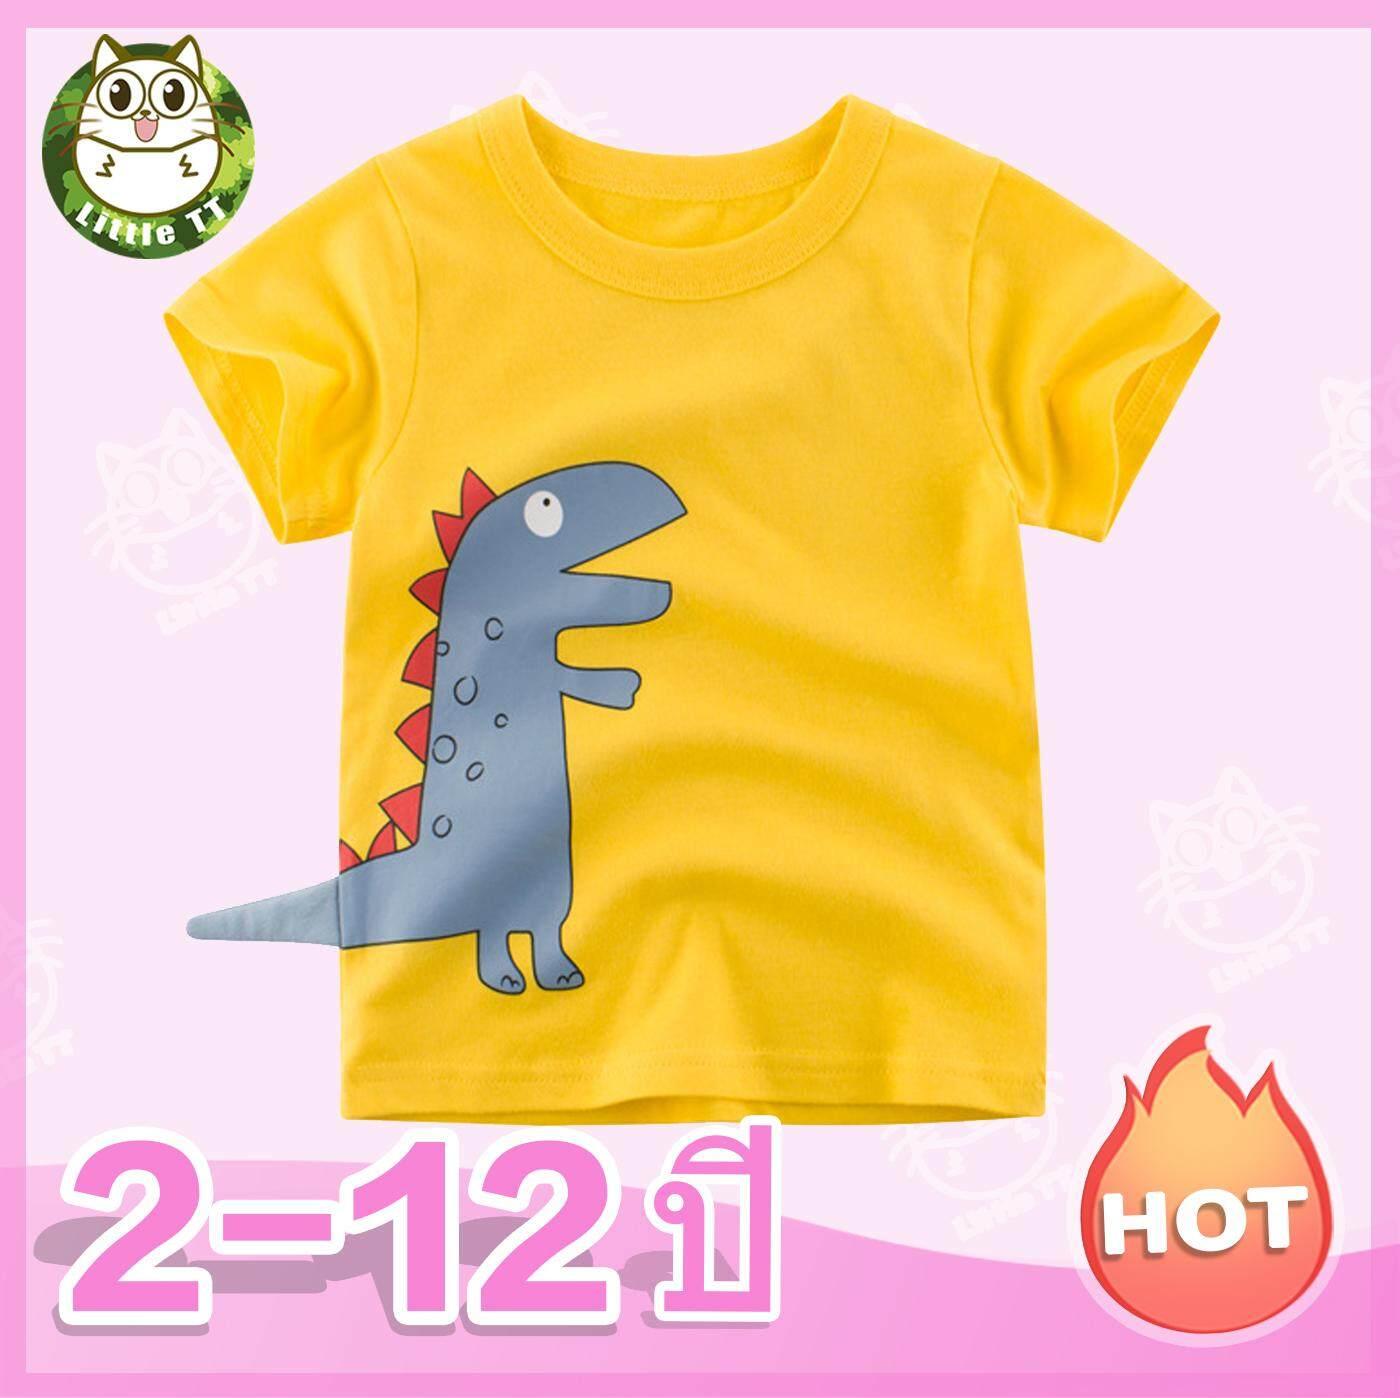 เด็กแขนสั้นเสื้อยืดเสื้อผ้าเด็กเสื้อผ้าเด็กในช่วงฤดูร้อนปี 2019 ต่างประเทศเสื้อเด็กเสื้อเด็ก 2-12 ปี